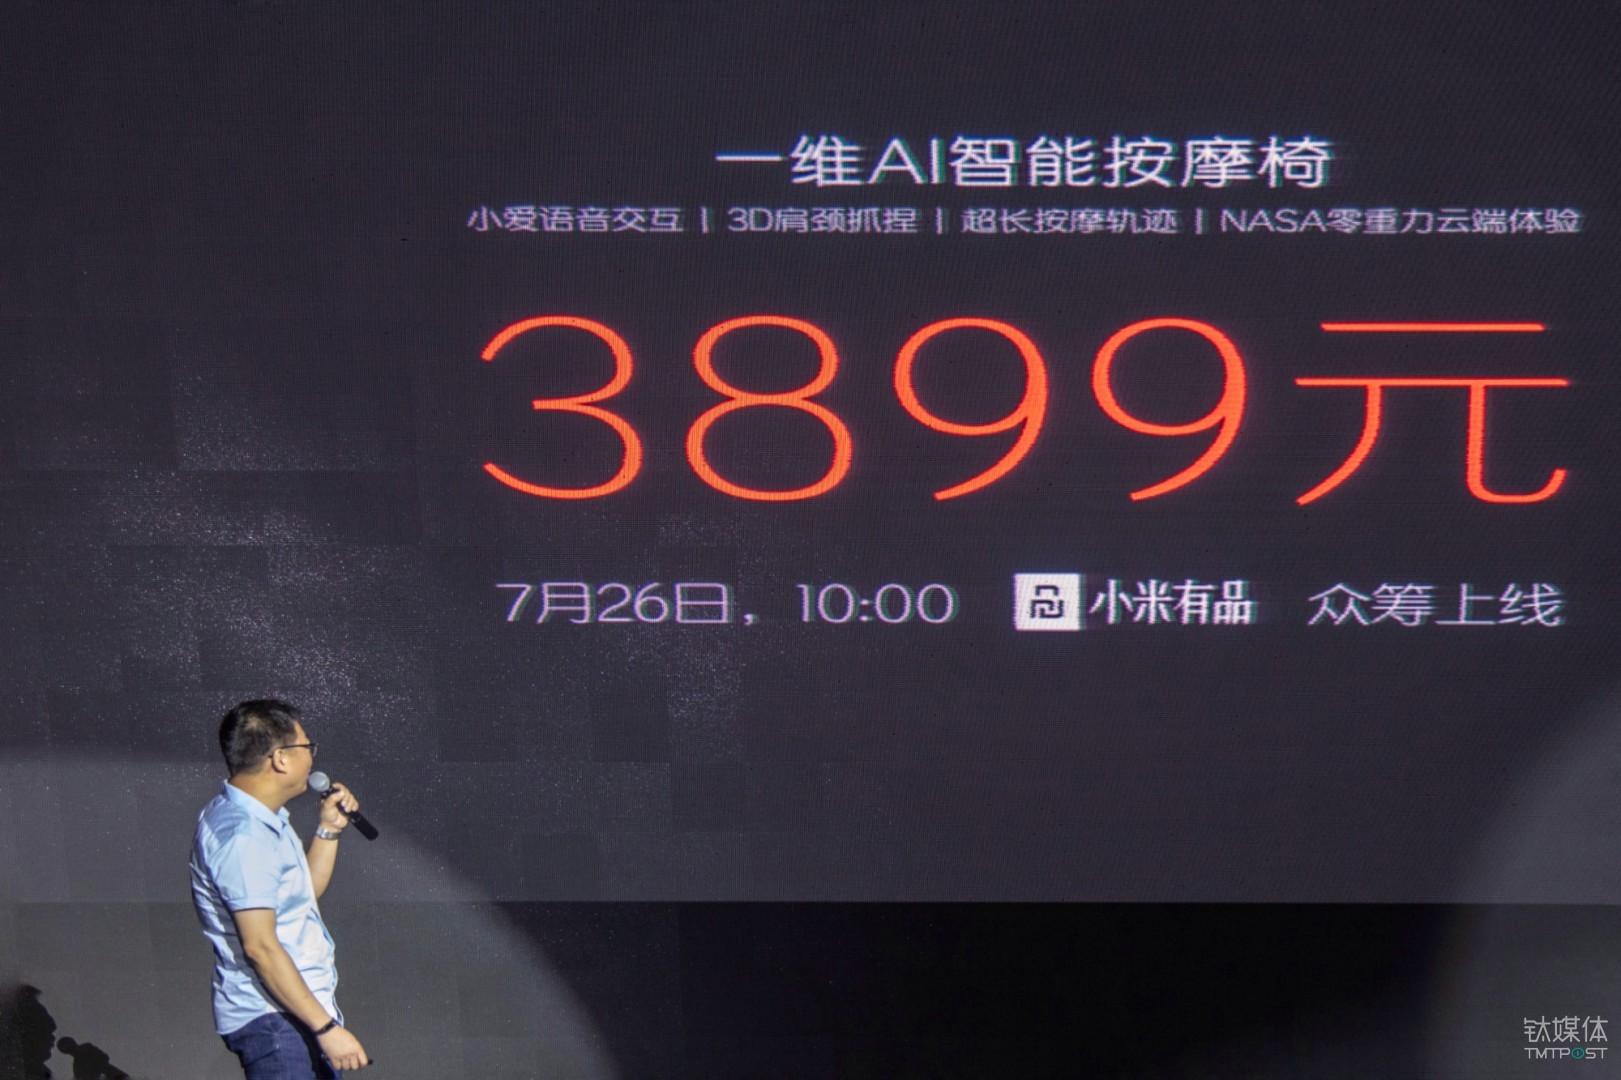 """""""一维AI智能按摩椅""""将于7月26日开始众筹"""